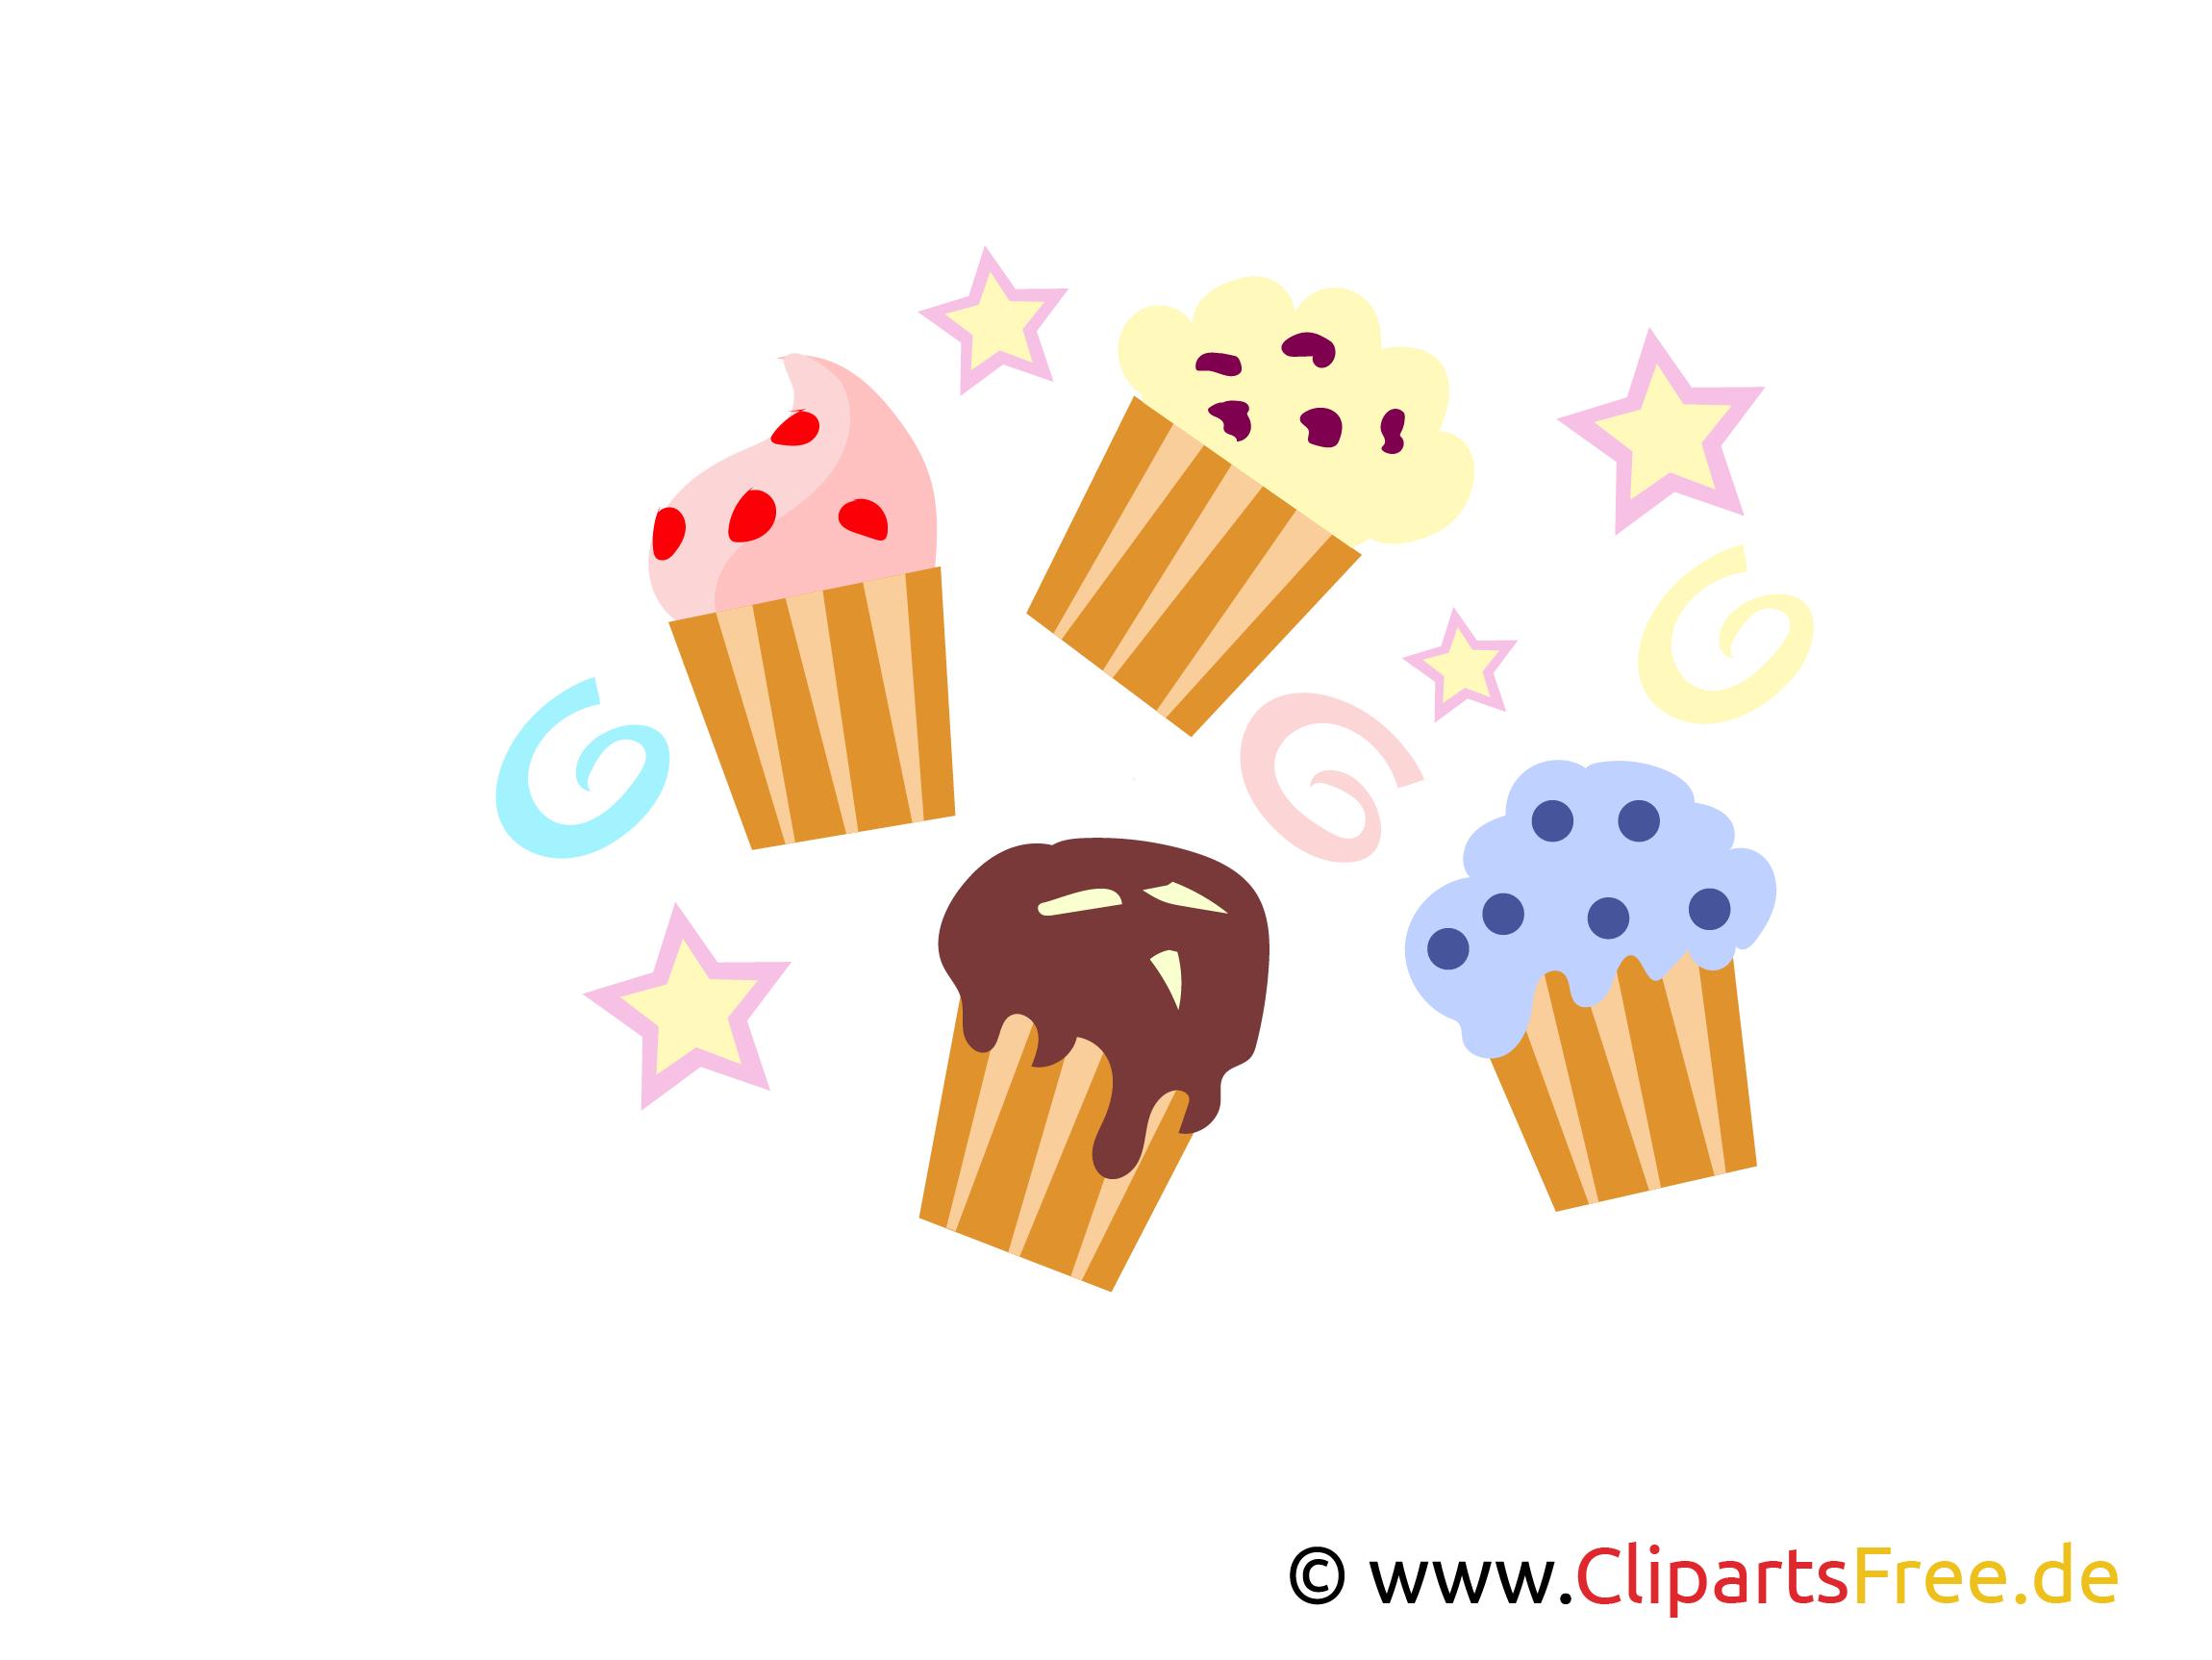 Kleine Kuchen Clipart, Bilder, Images, Illustrationen kostenlos